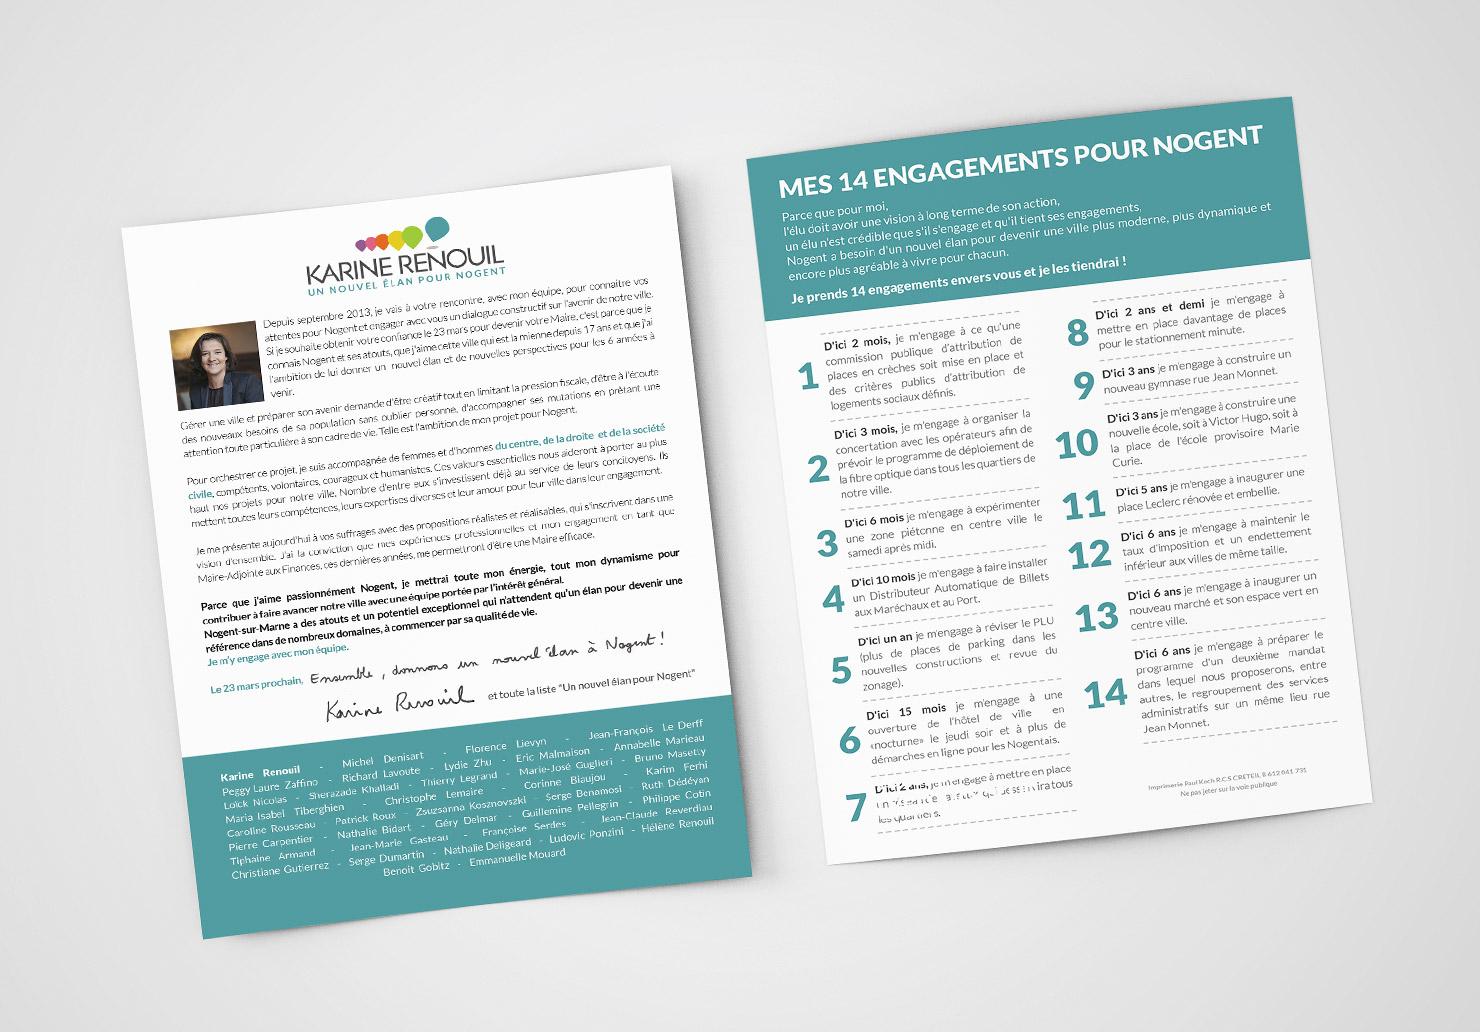 Supports de communication pour campagne éléctorale - Création de supports de communication pour une campagne électorale par Emilie Le Béhérec Prima, graphiste web et print